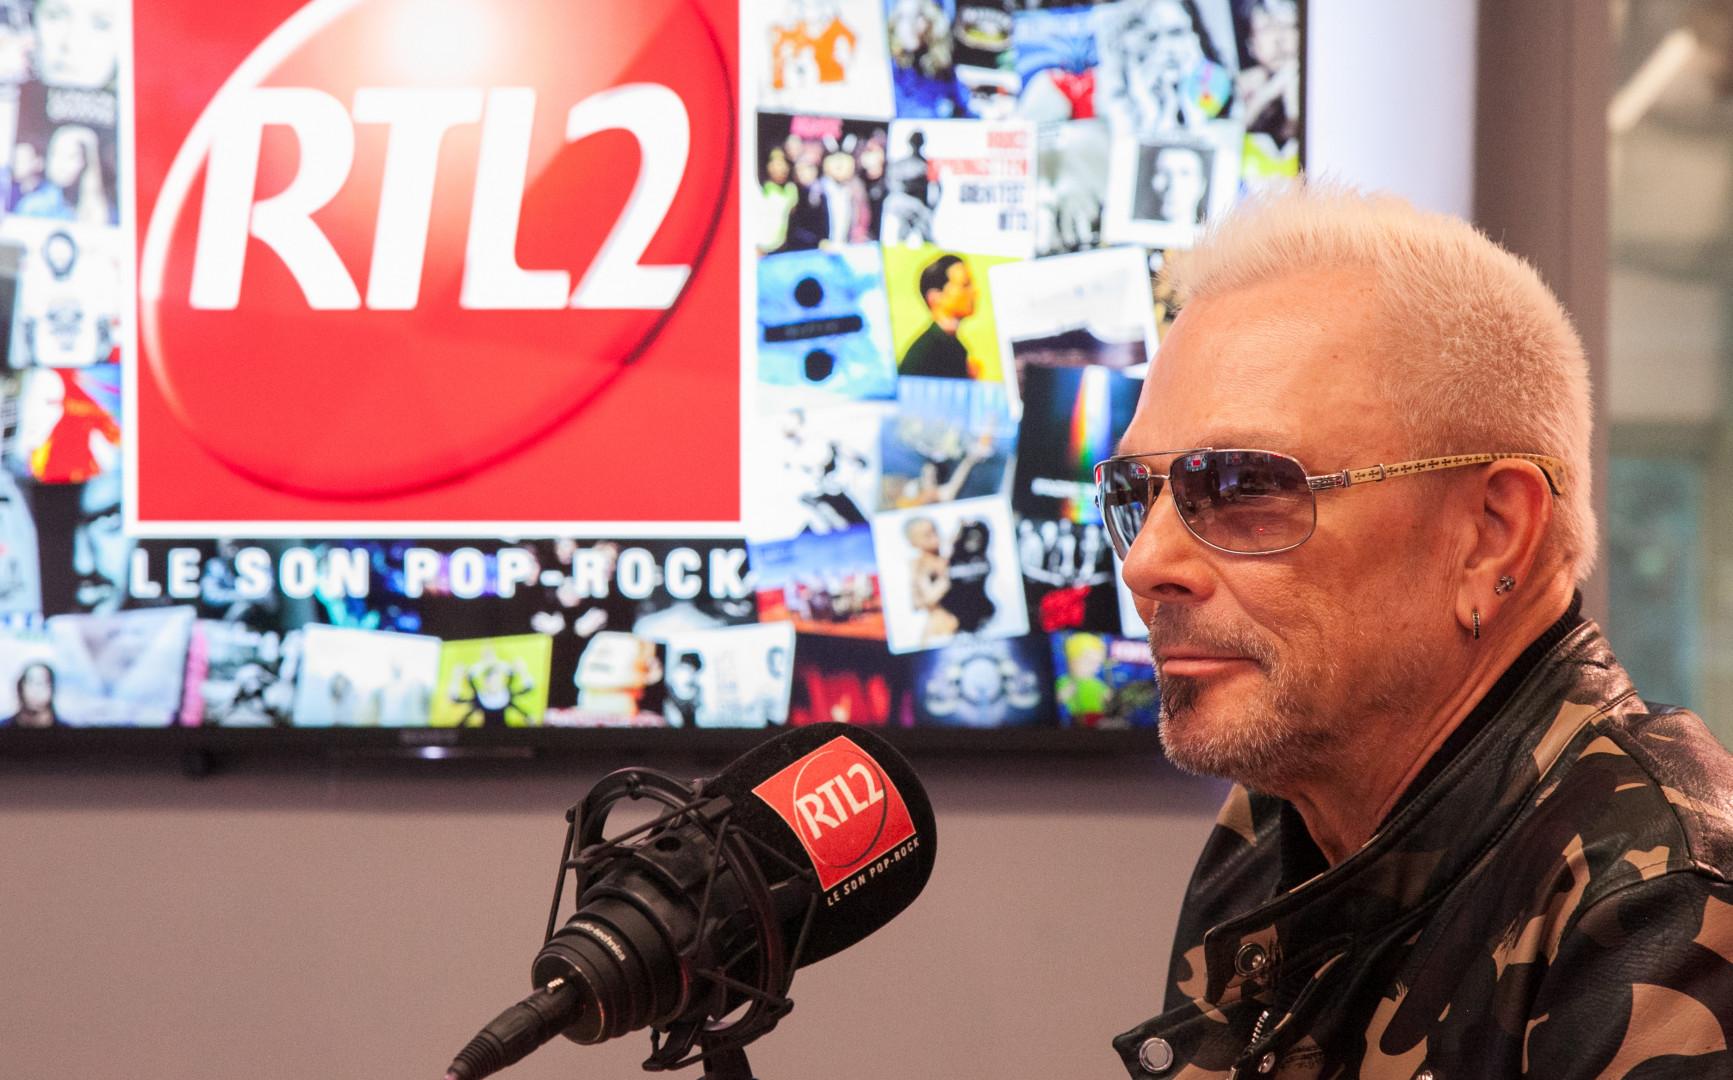 Klaus Meine de Scorpions dans les studios de RTL2